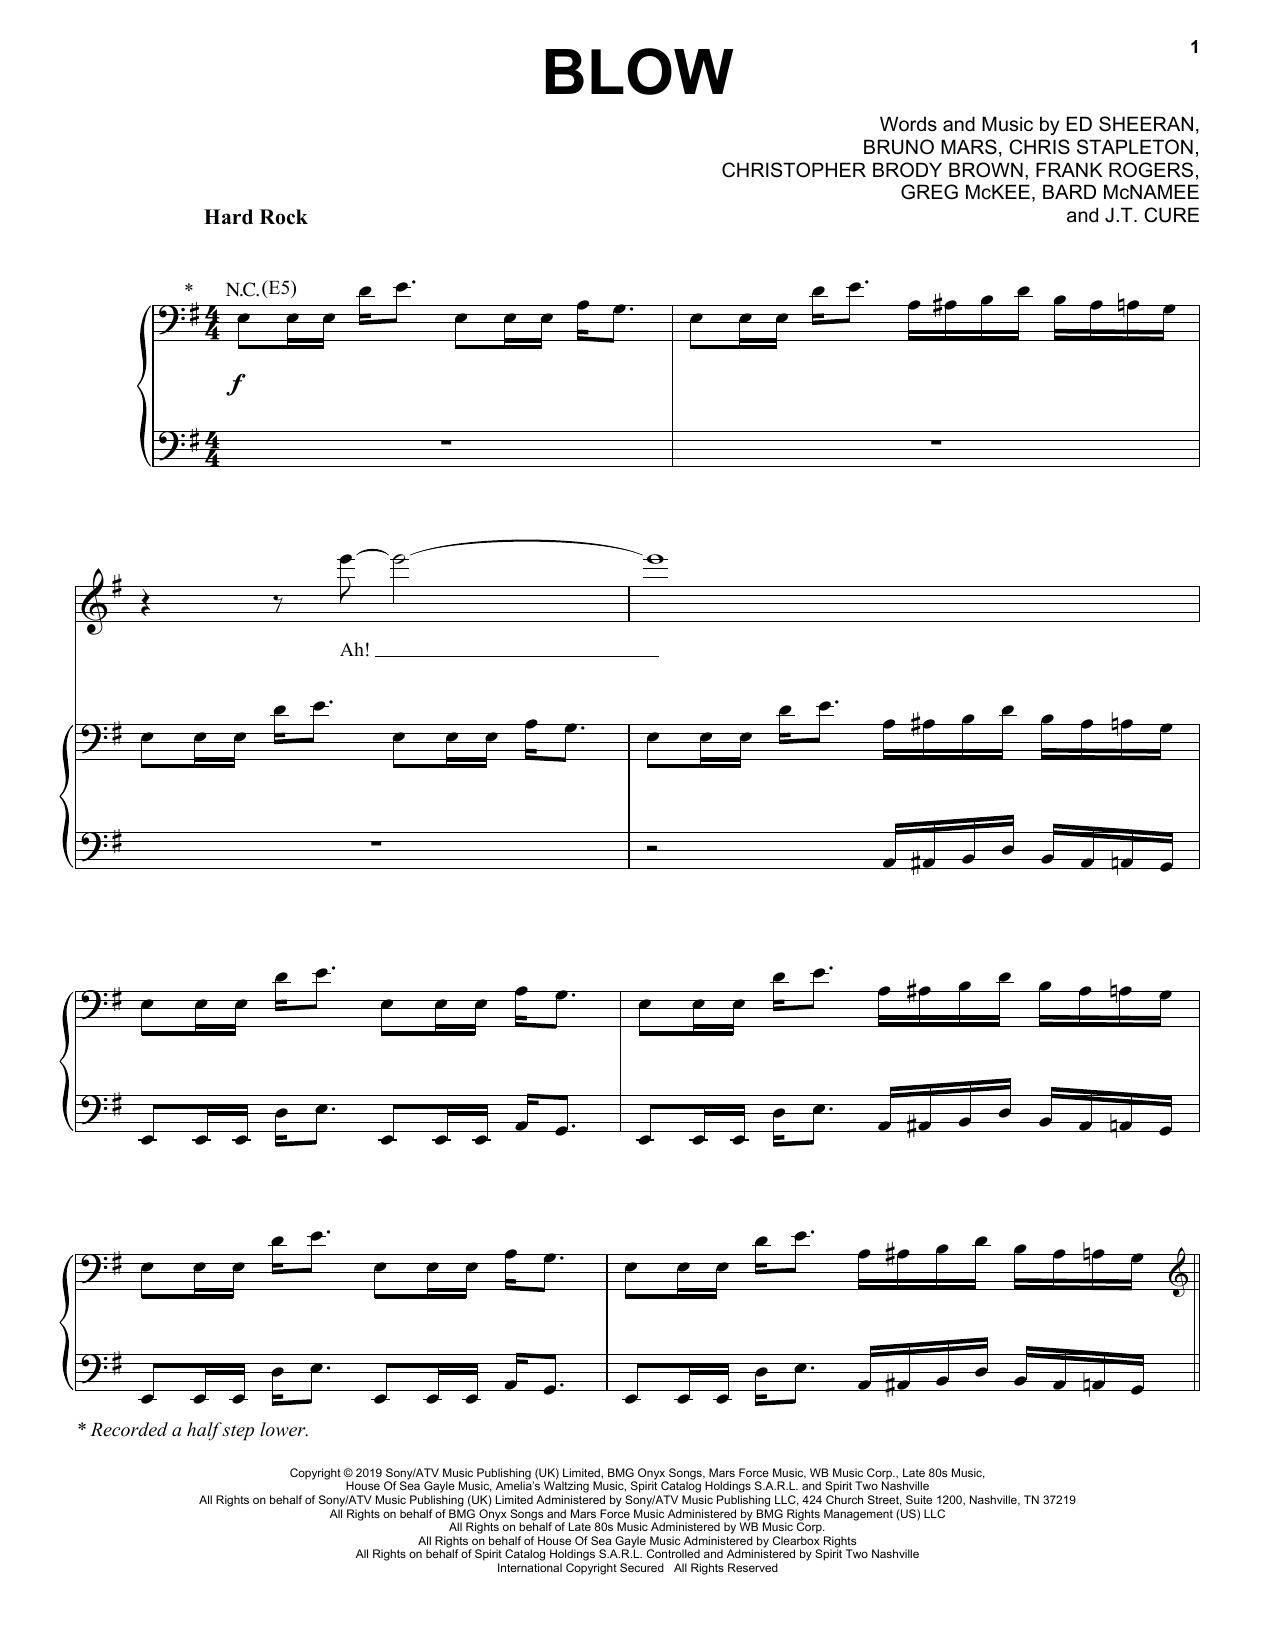 Download Ed Sheeran, Chris Stapleton & Bruno Mars 'BLOW' Digital Sheet Music Notes & Chords and start playing in minutes